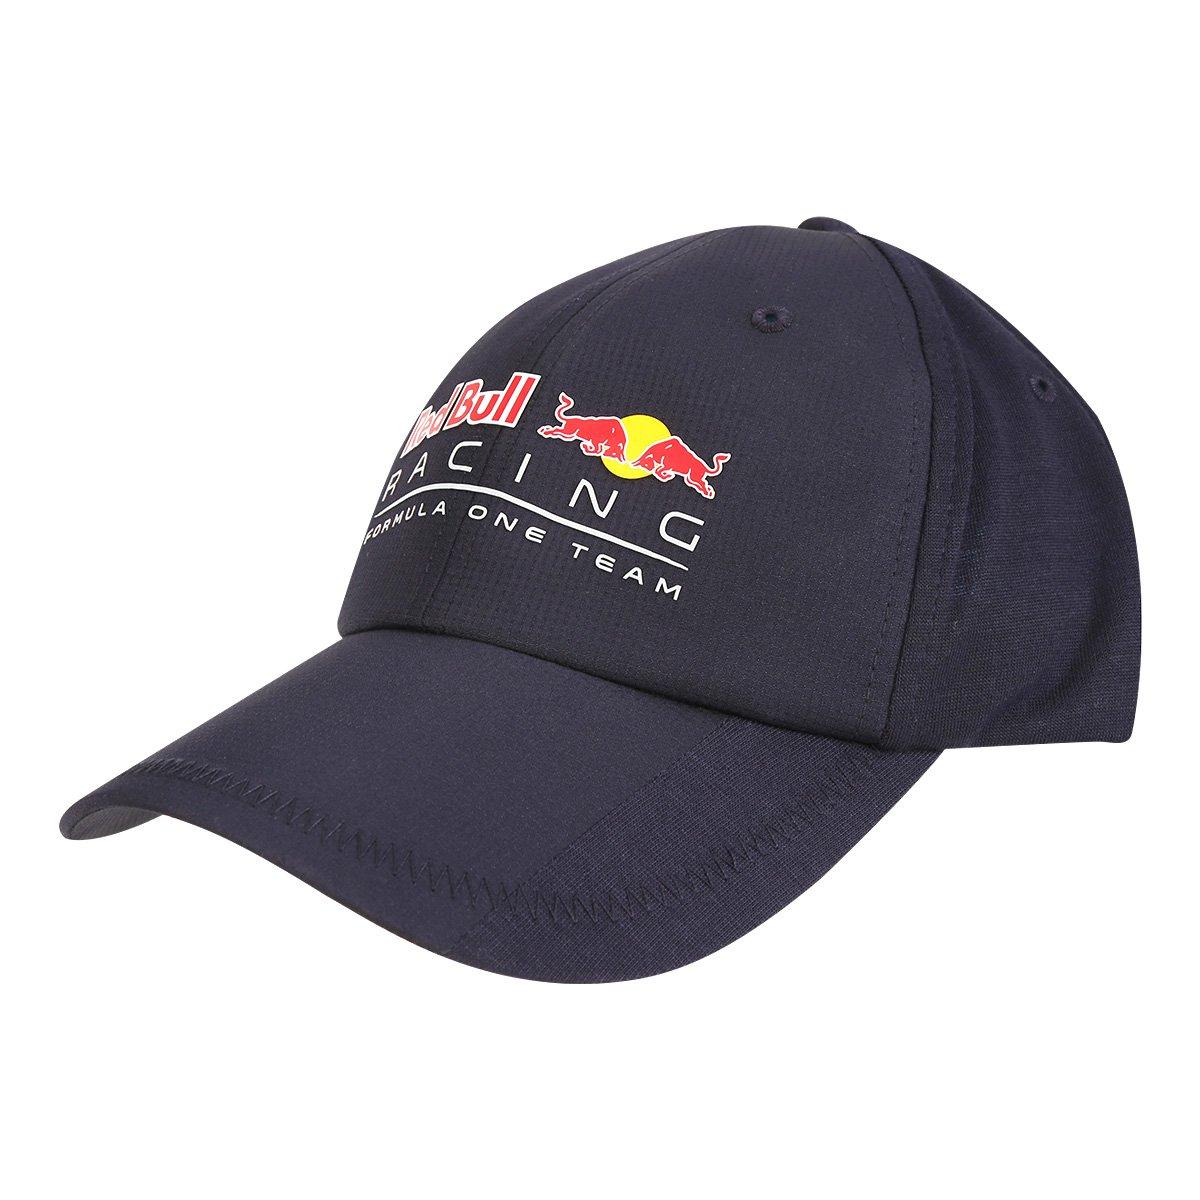 e1d6ad52e66a7 Boné Red Bull Racing Puma Aba Curva Lifestyle BB - Compre Agora ...